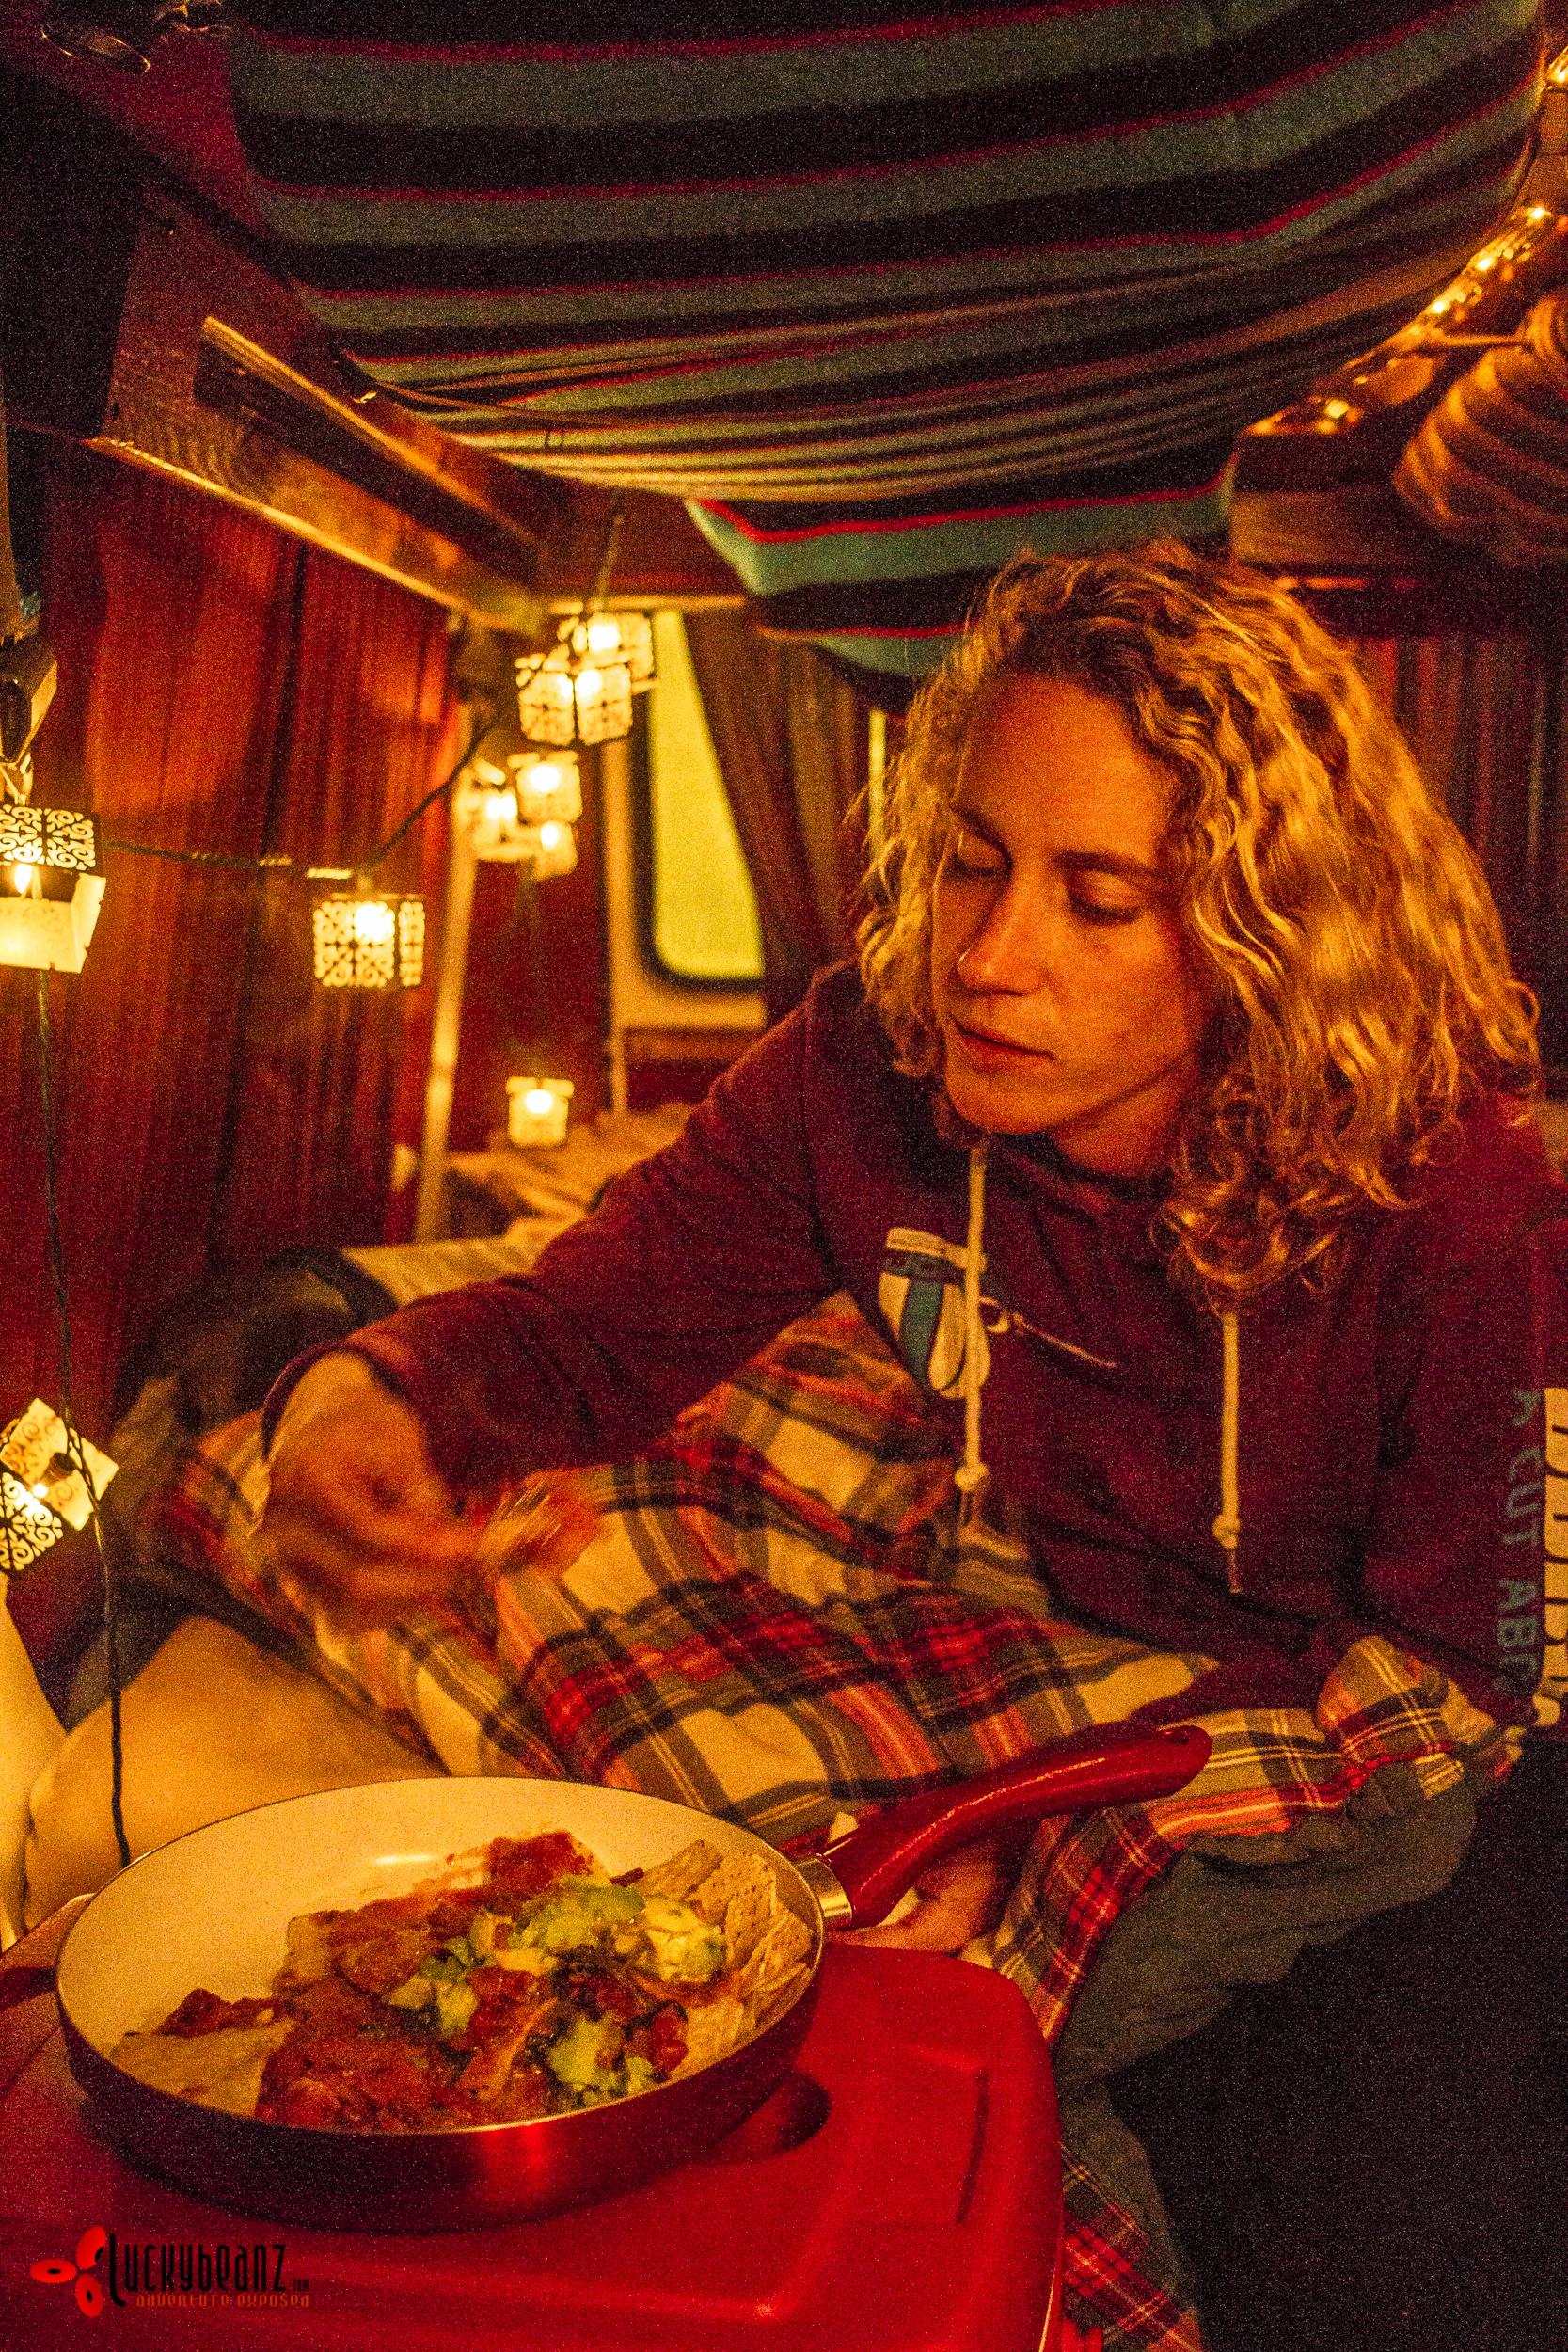 Nacho night in the van.